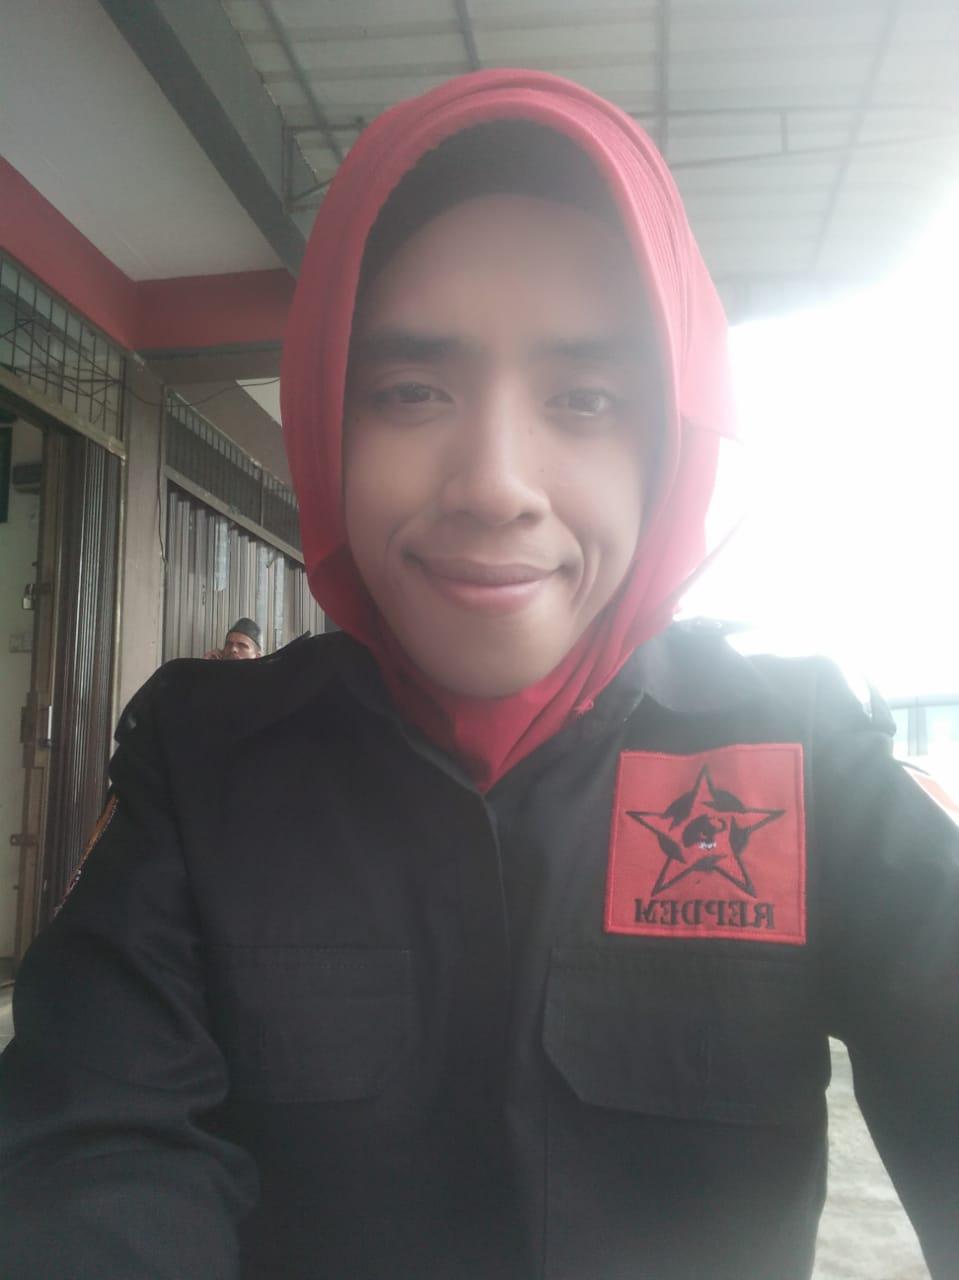 Anak Pinang, Siap Bekerja Untuk Rakyat